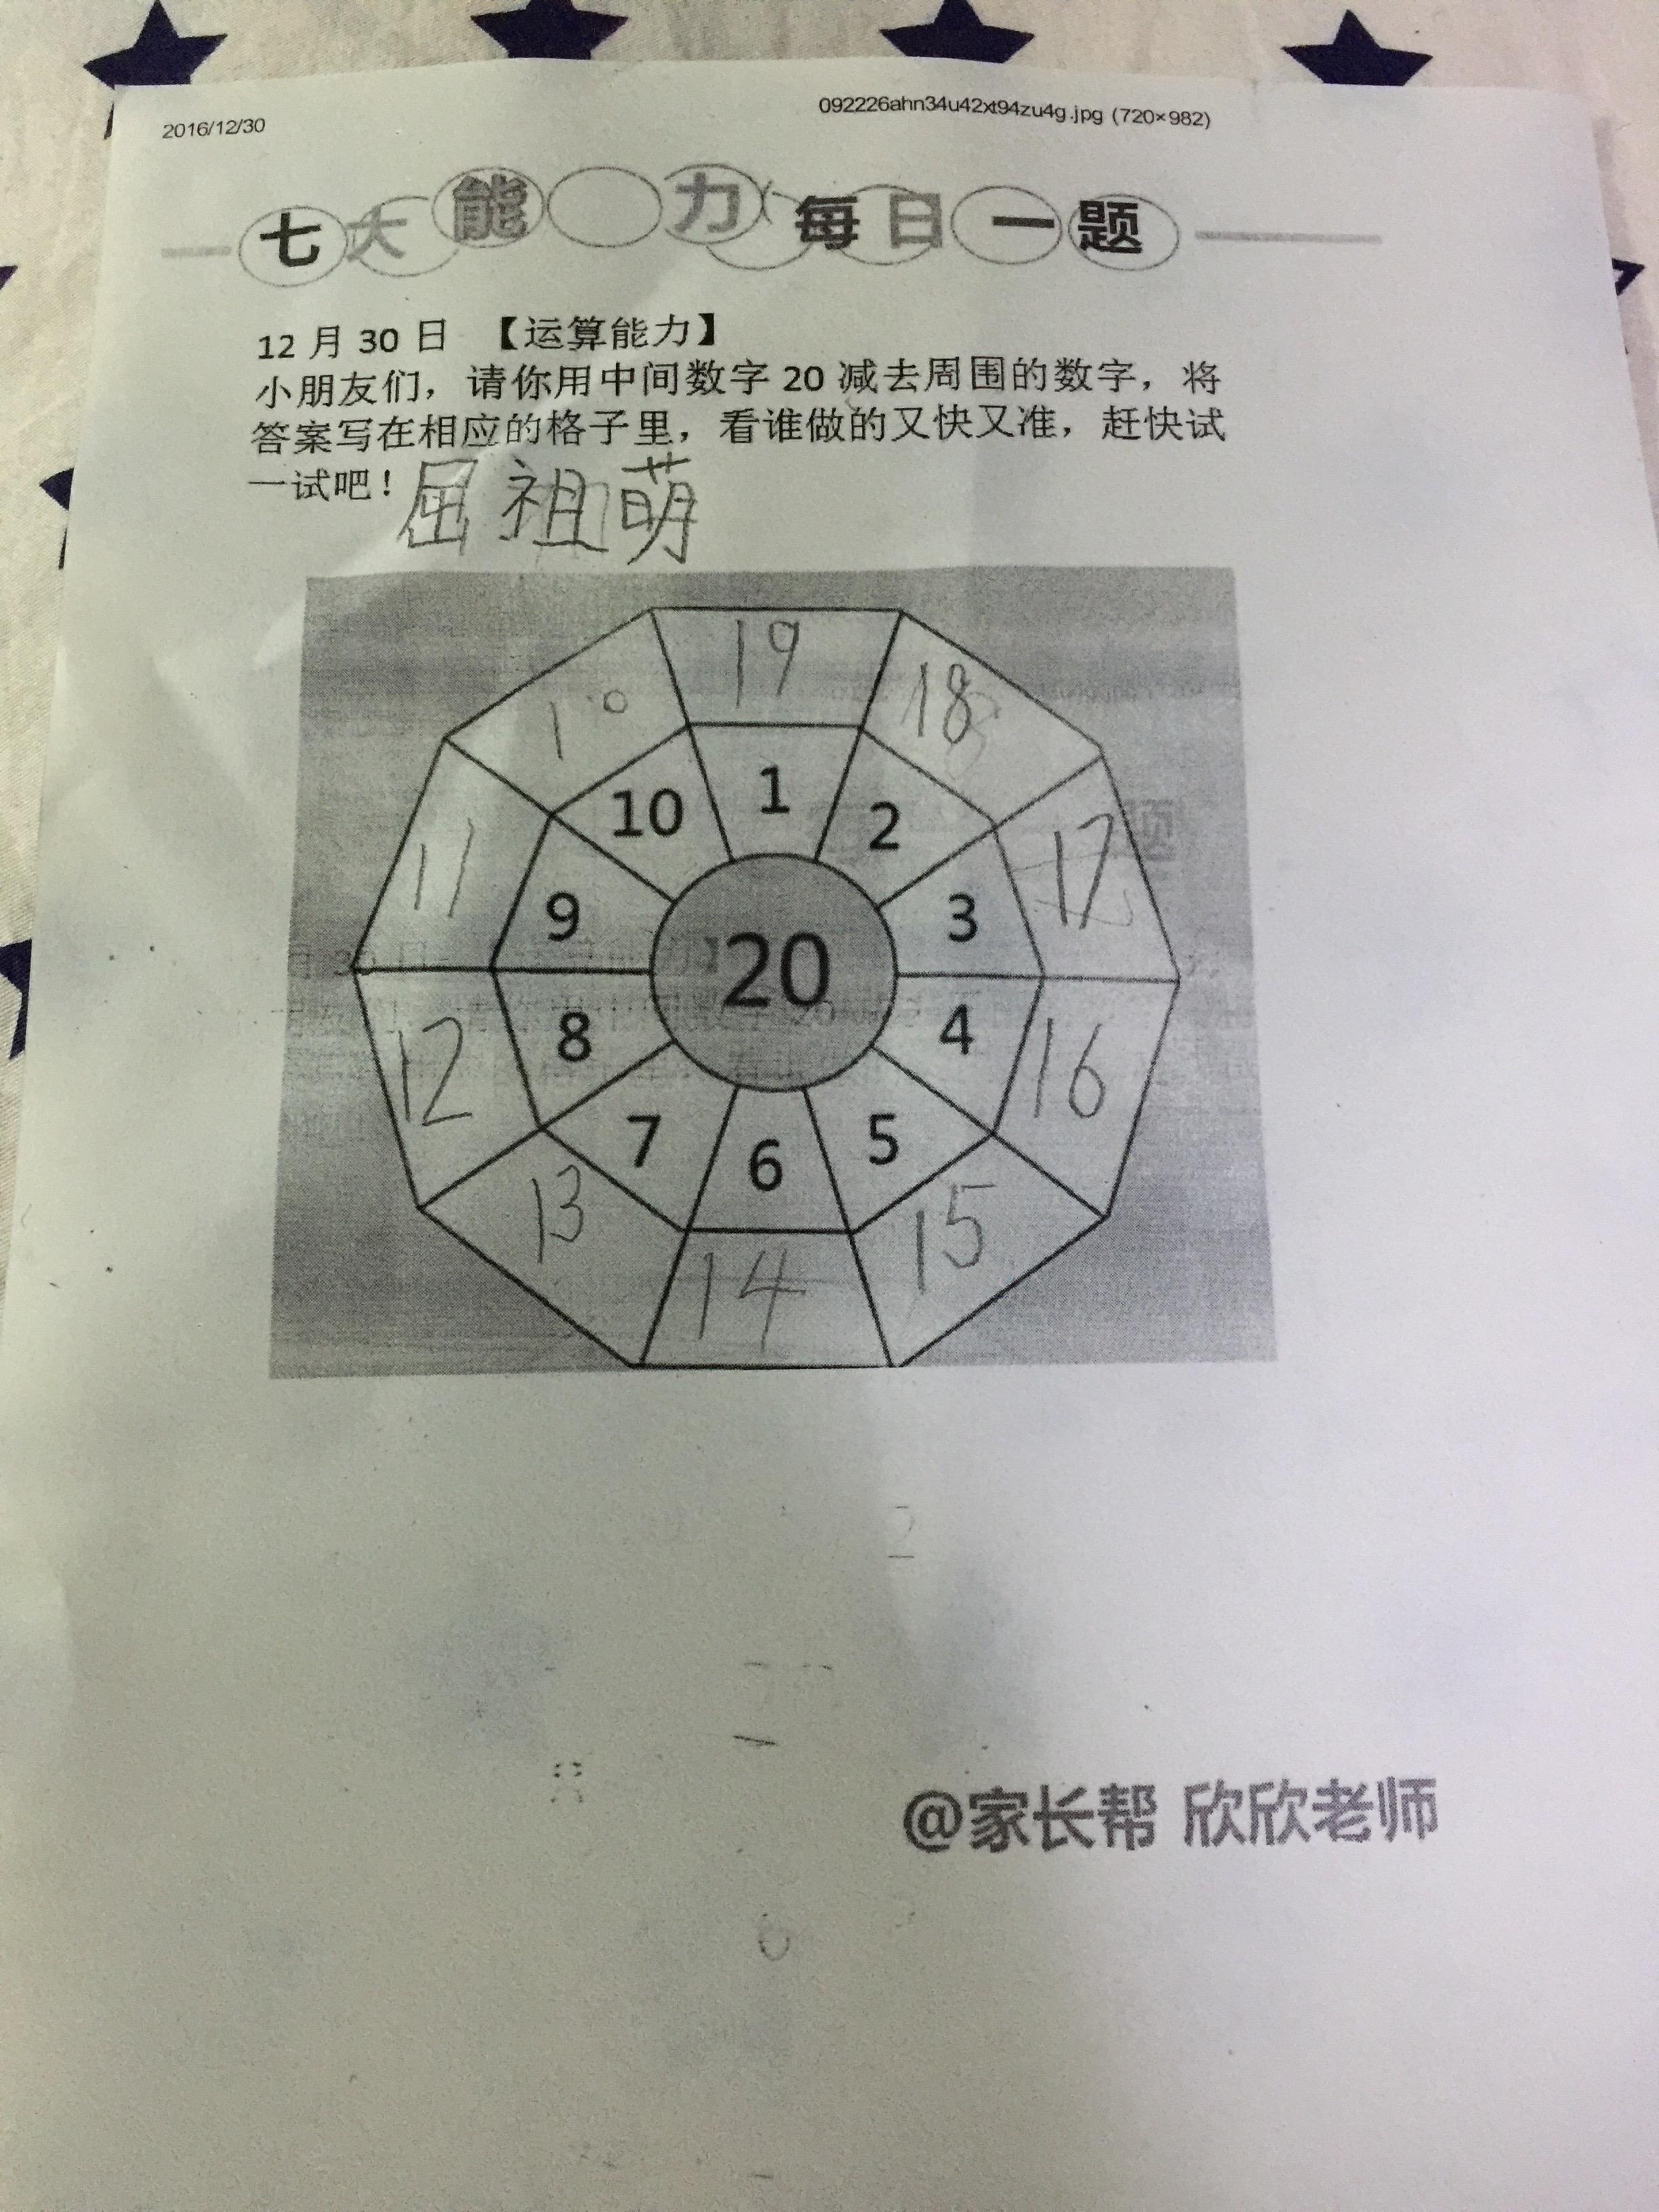 E63BA9B2-0F9F-4308-94BC-796A7F430F7E.jpg